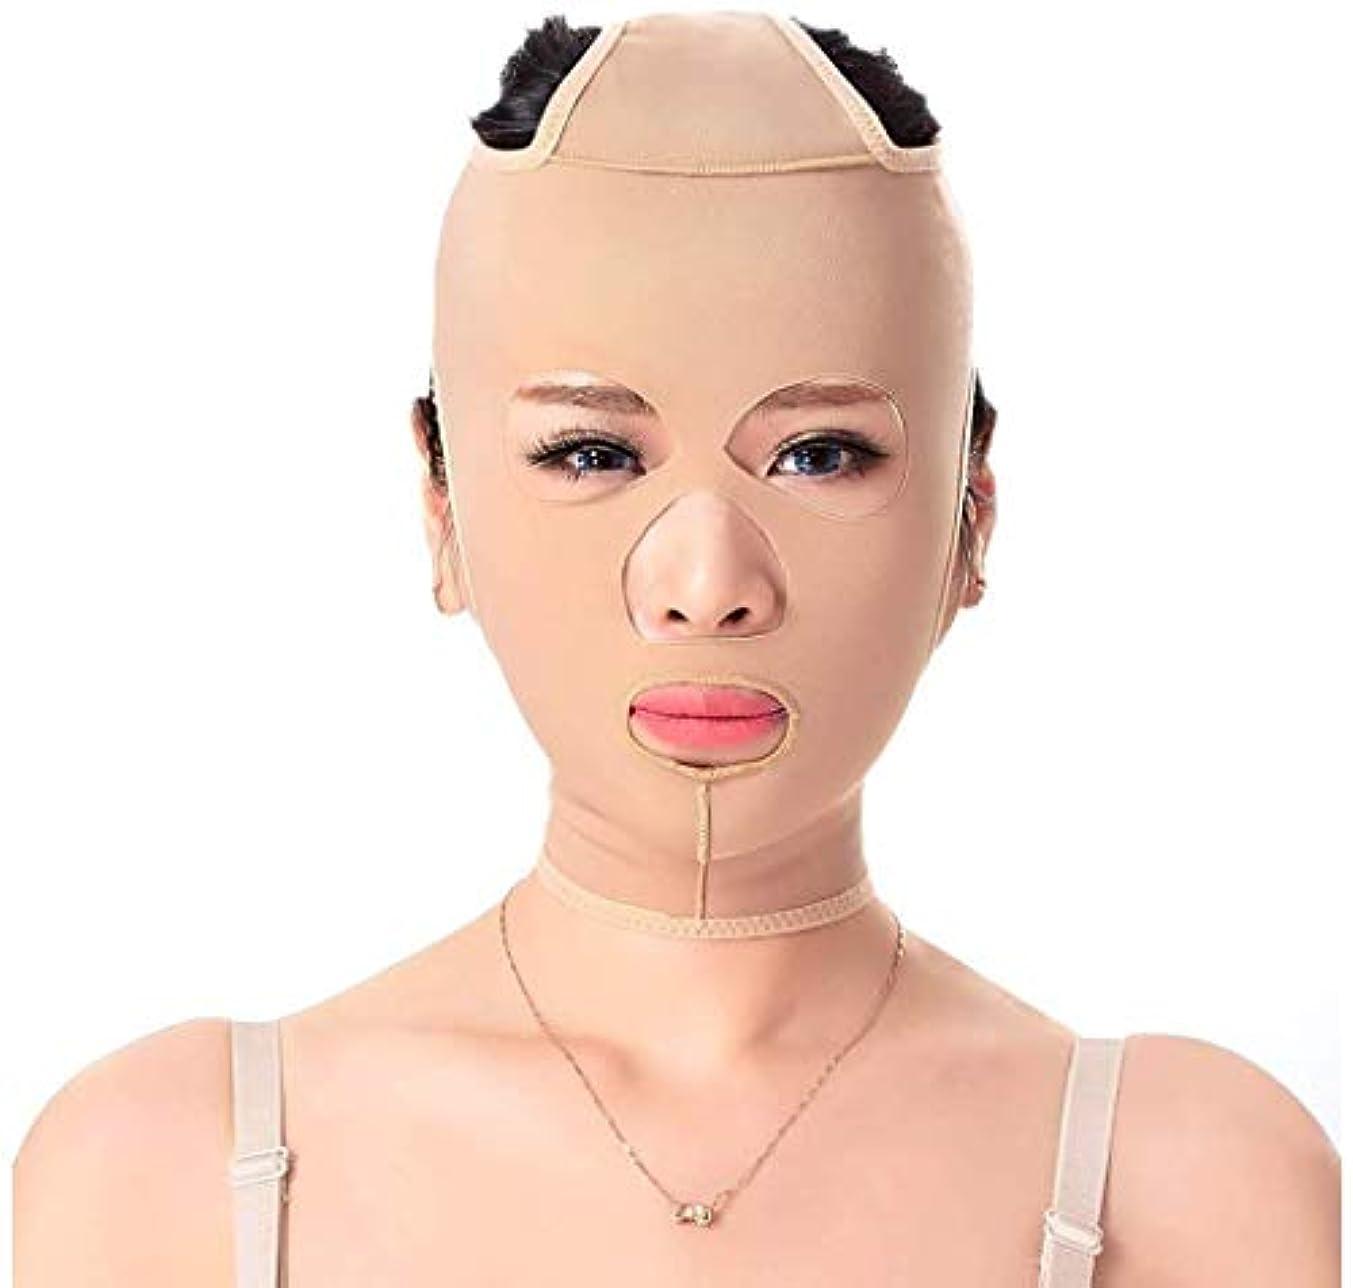 豆ブッシュ凶暴なスリミングVフェイスマスク、スリミングベルト、フェイシャルマスク薄いフェイスマスクから布パターンを持ち上げるダブルチンファーミングフェイシャルプラスチックフェイスアーティファクト強力なフェイスバンデージ(サイズ:M)